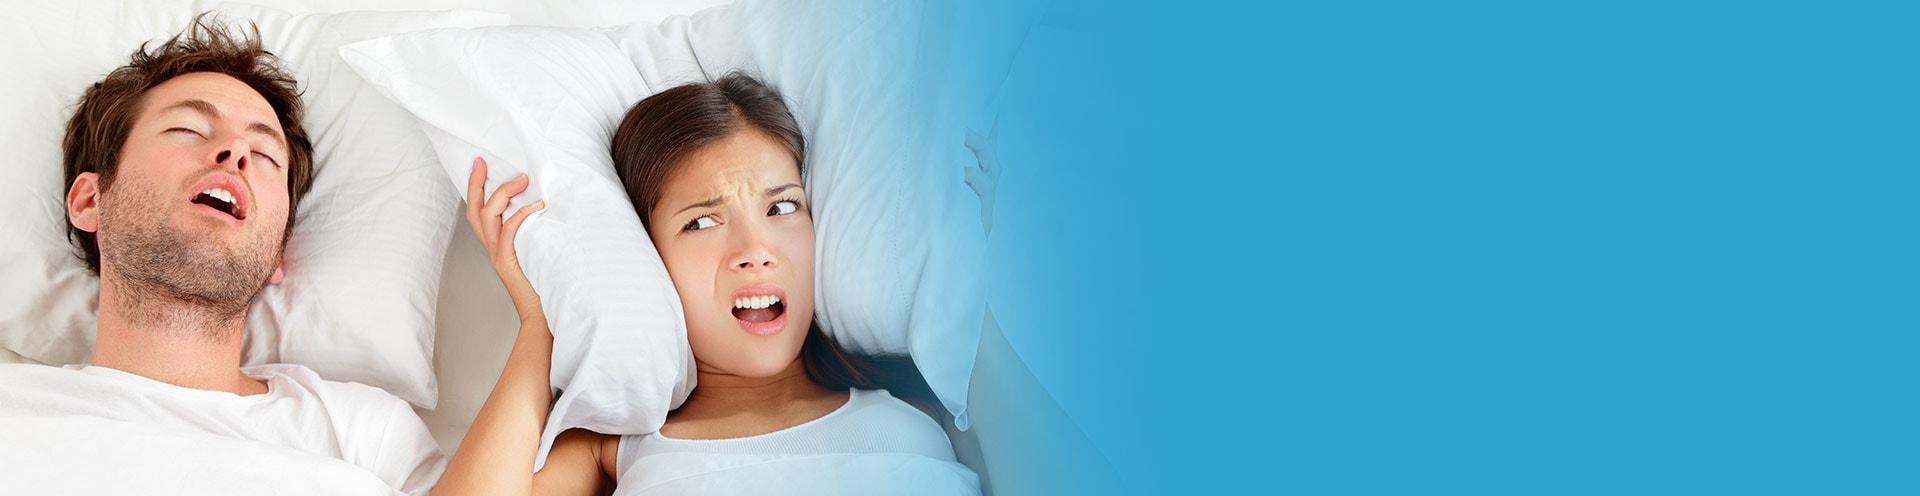 sleep-disorders-min